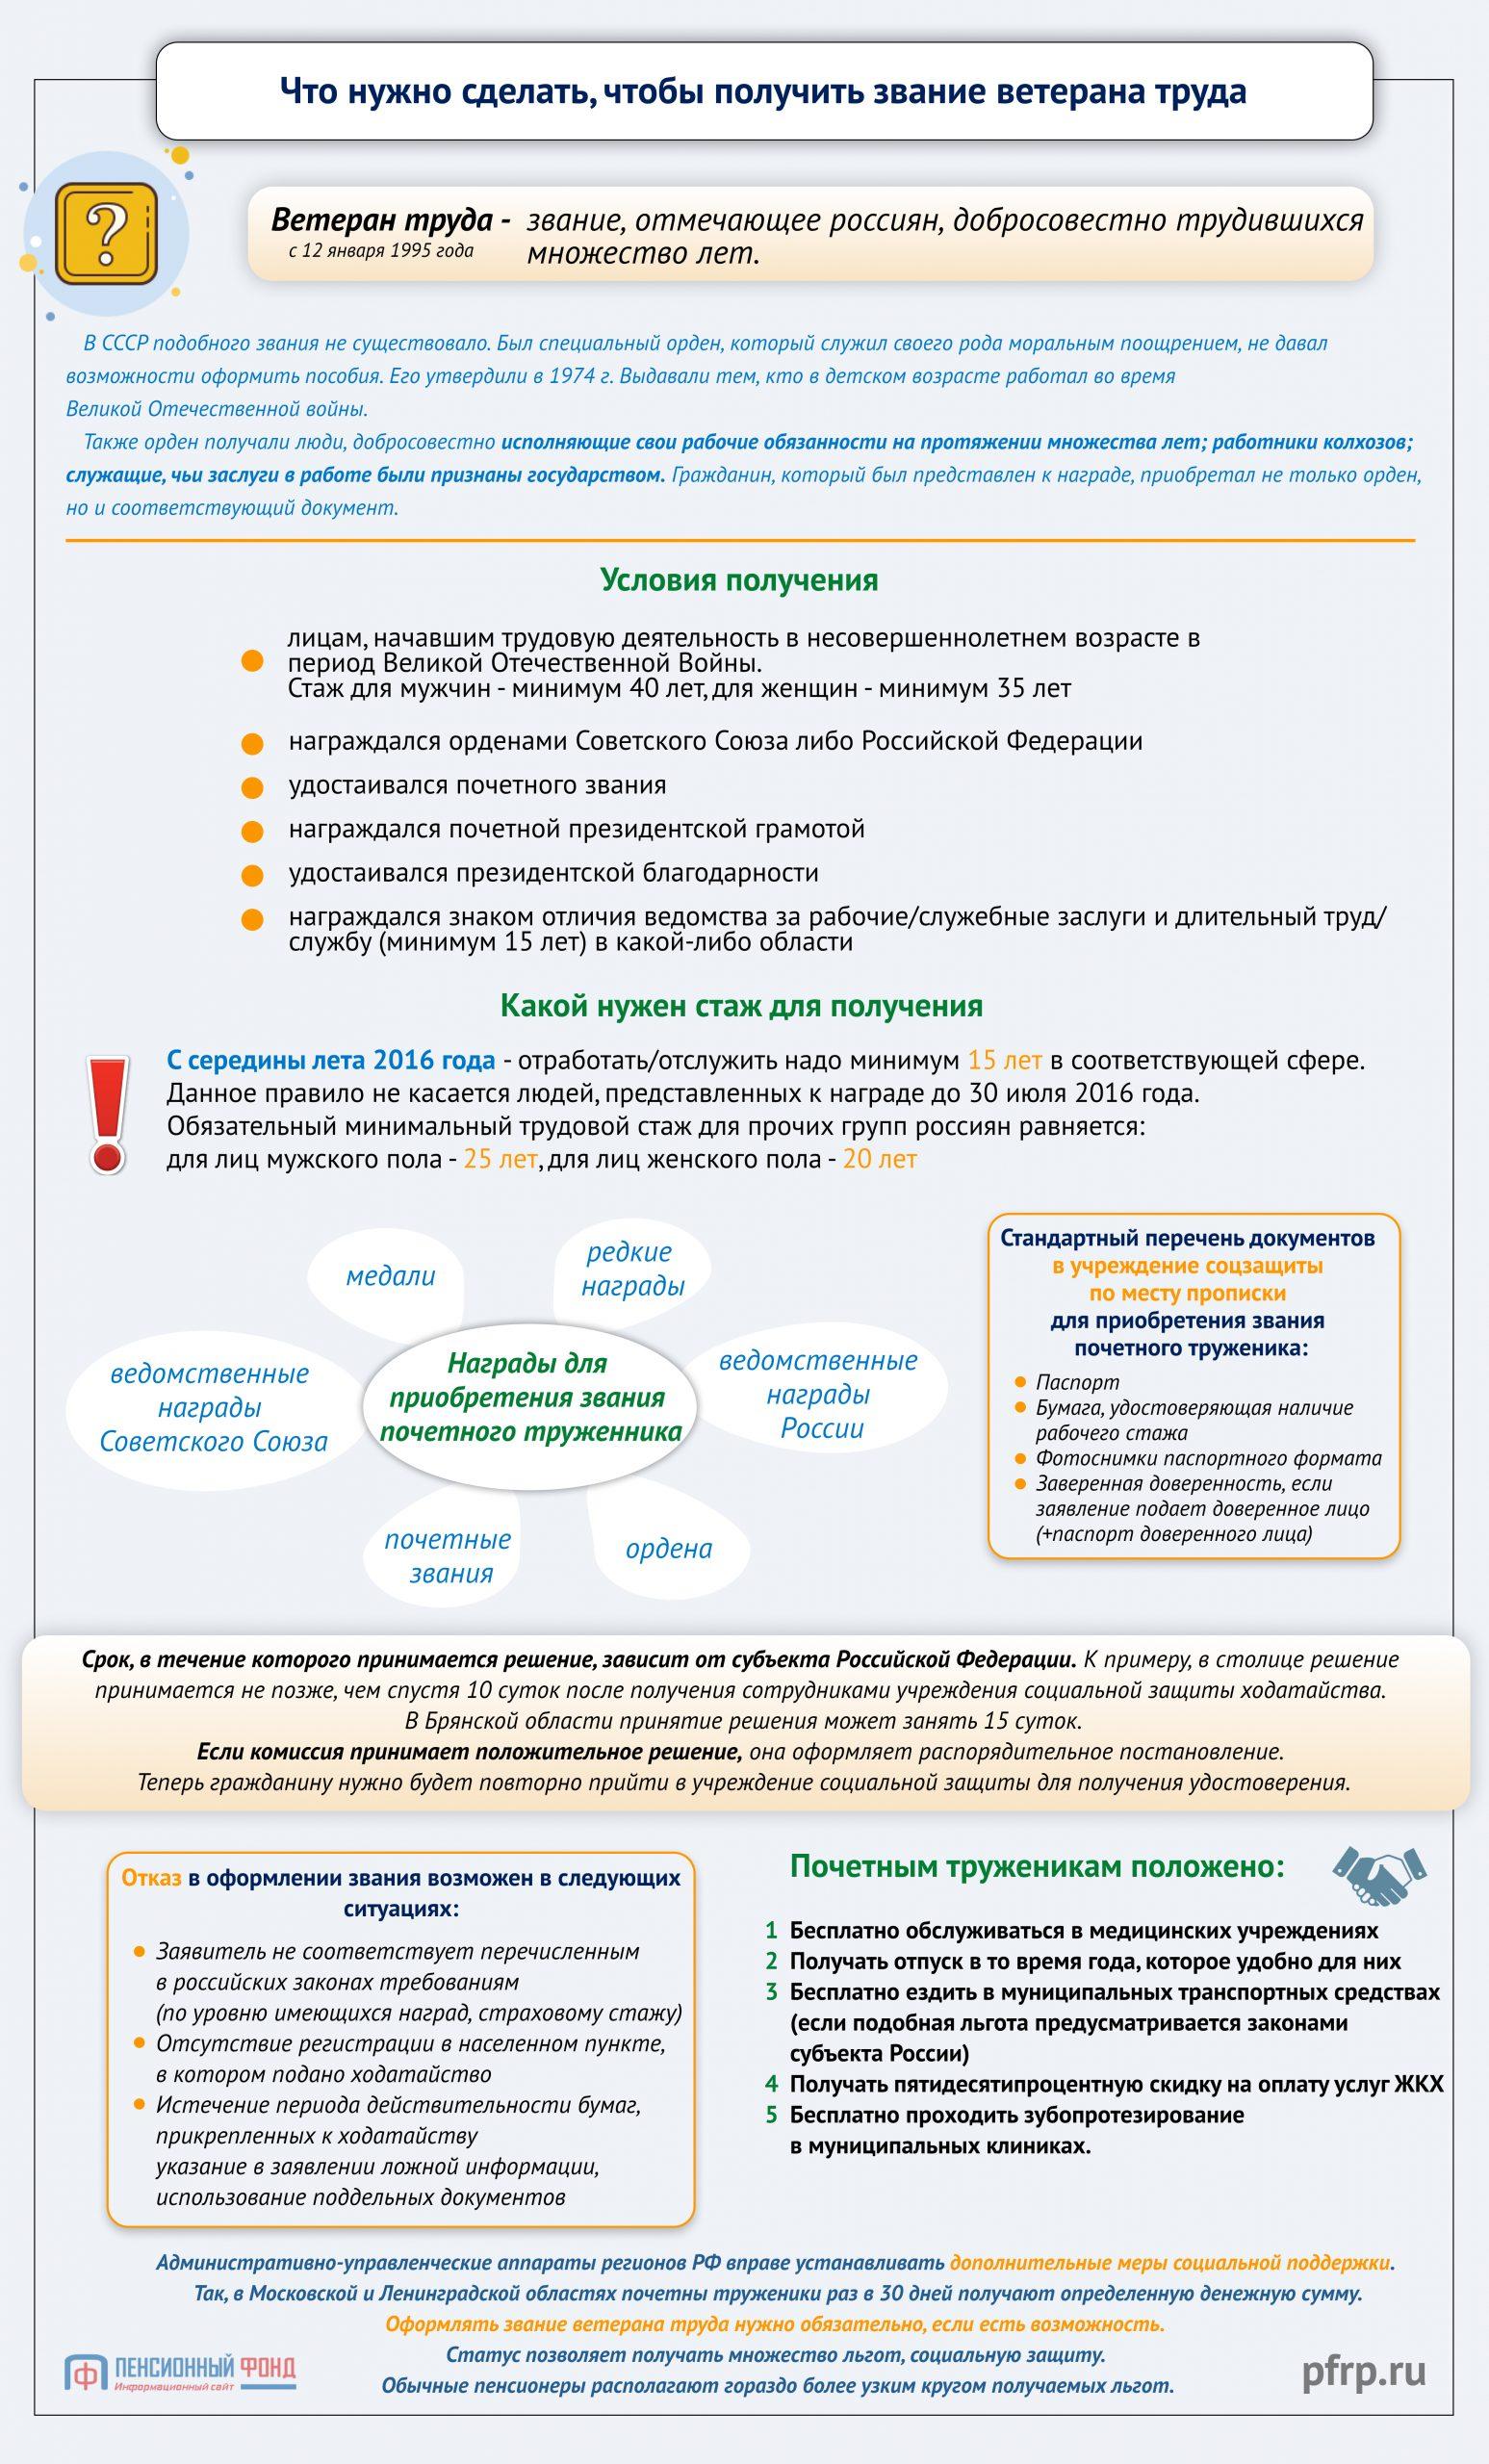 Как получить ветеран труда до наступления пенсии минимальная пенсия по челябинской области на 2021 год